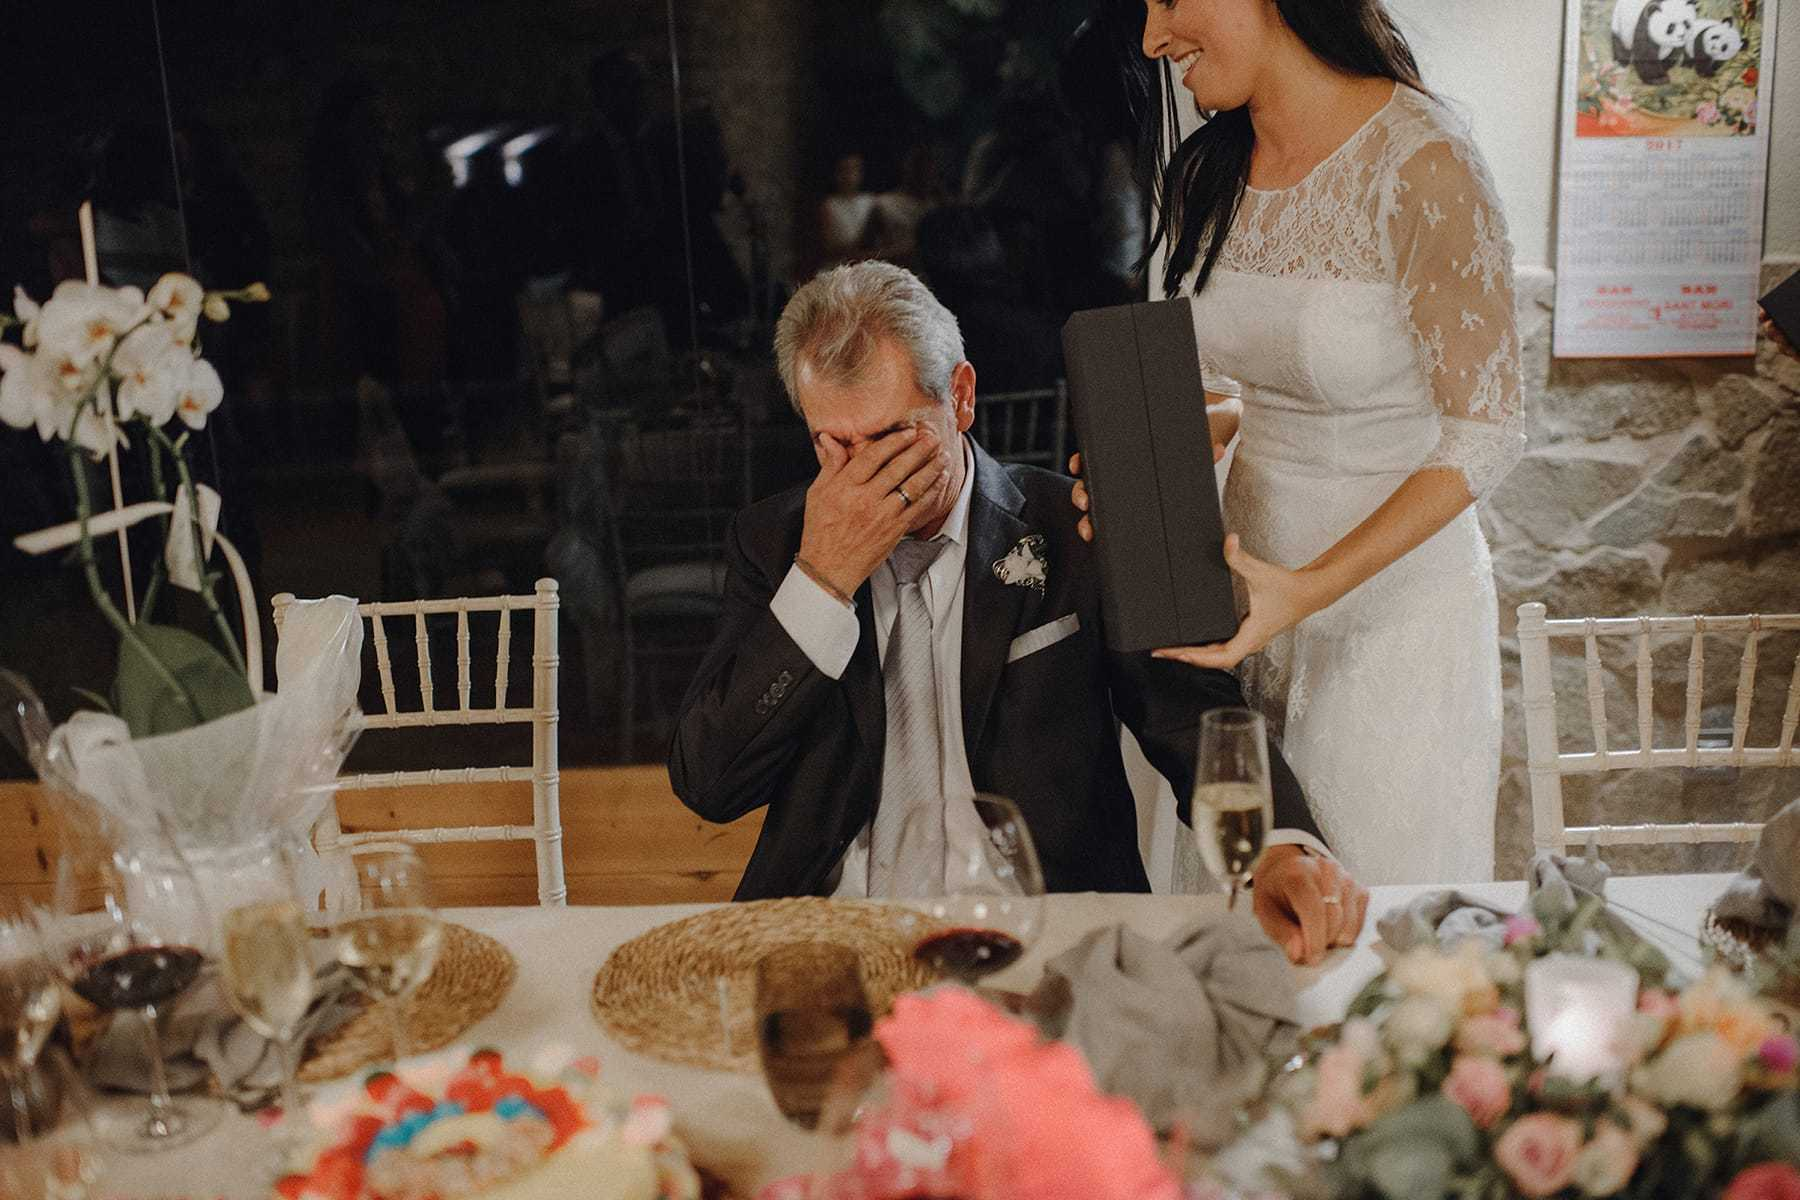 Padre de la novia emocionado